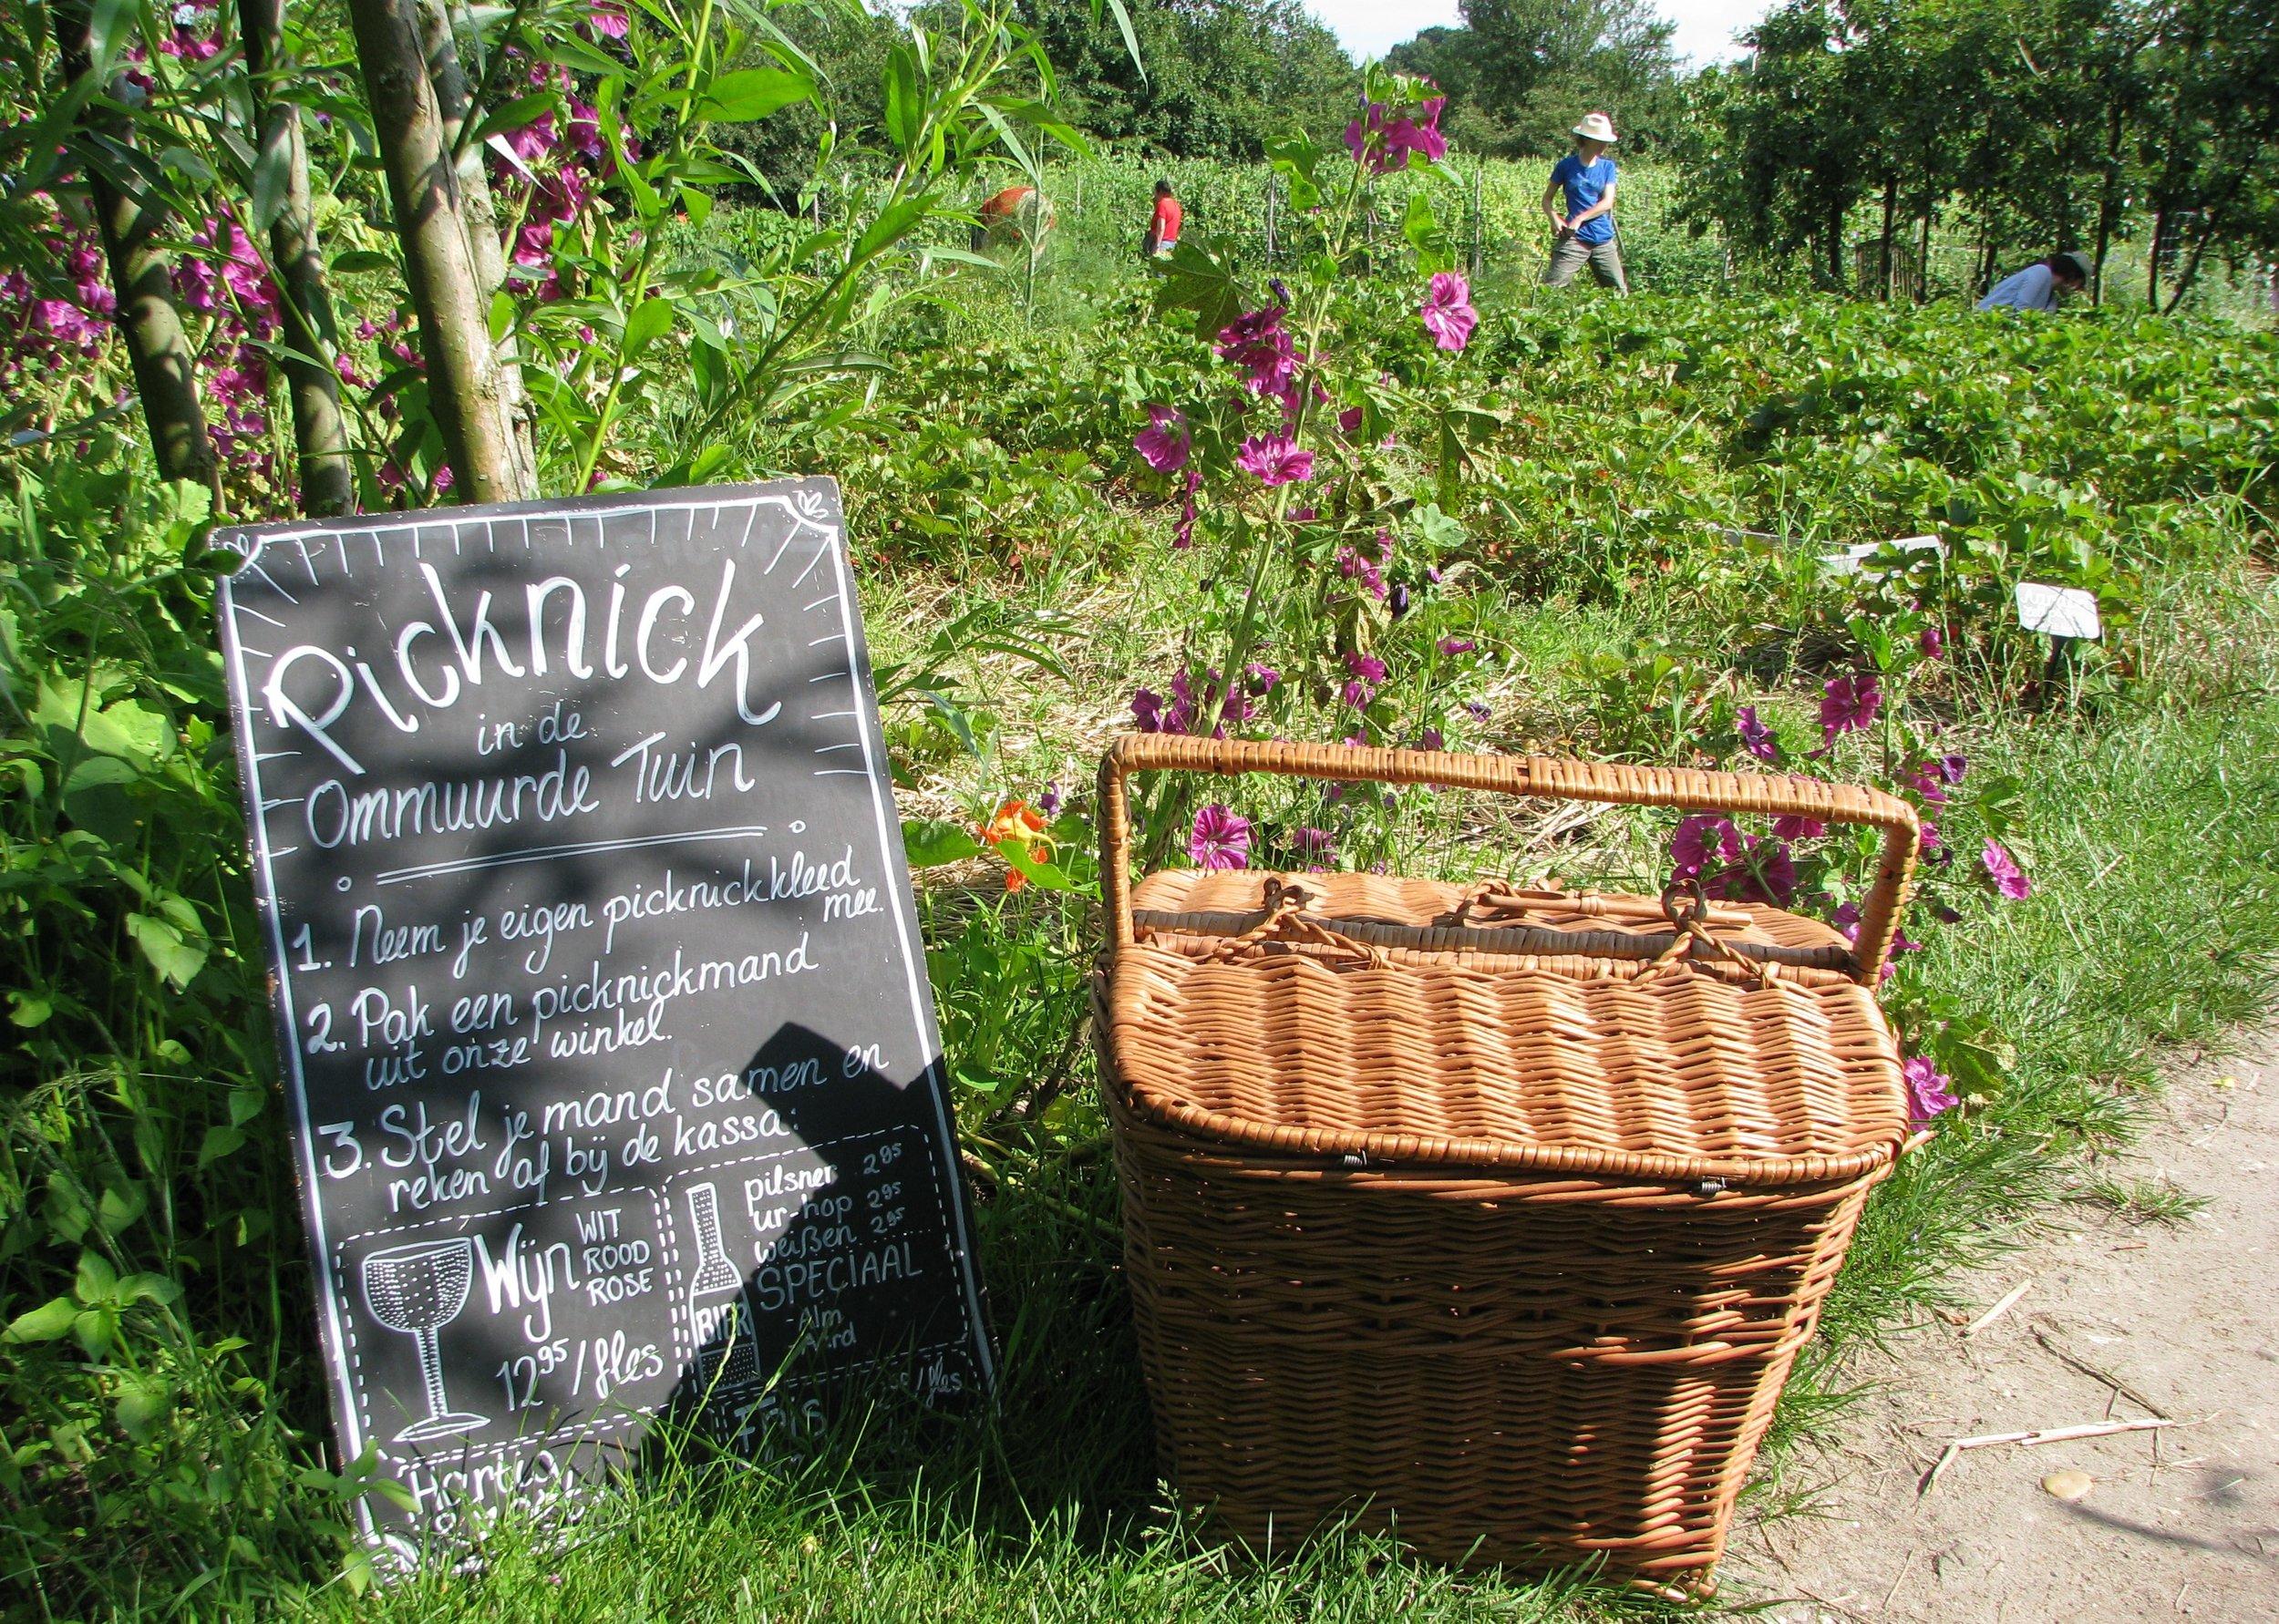 Picknick Ommuurde Tuin.jpg